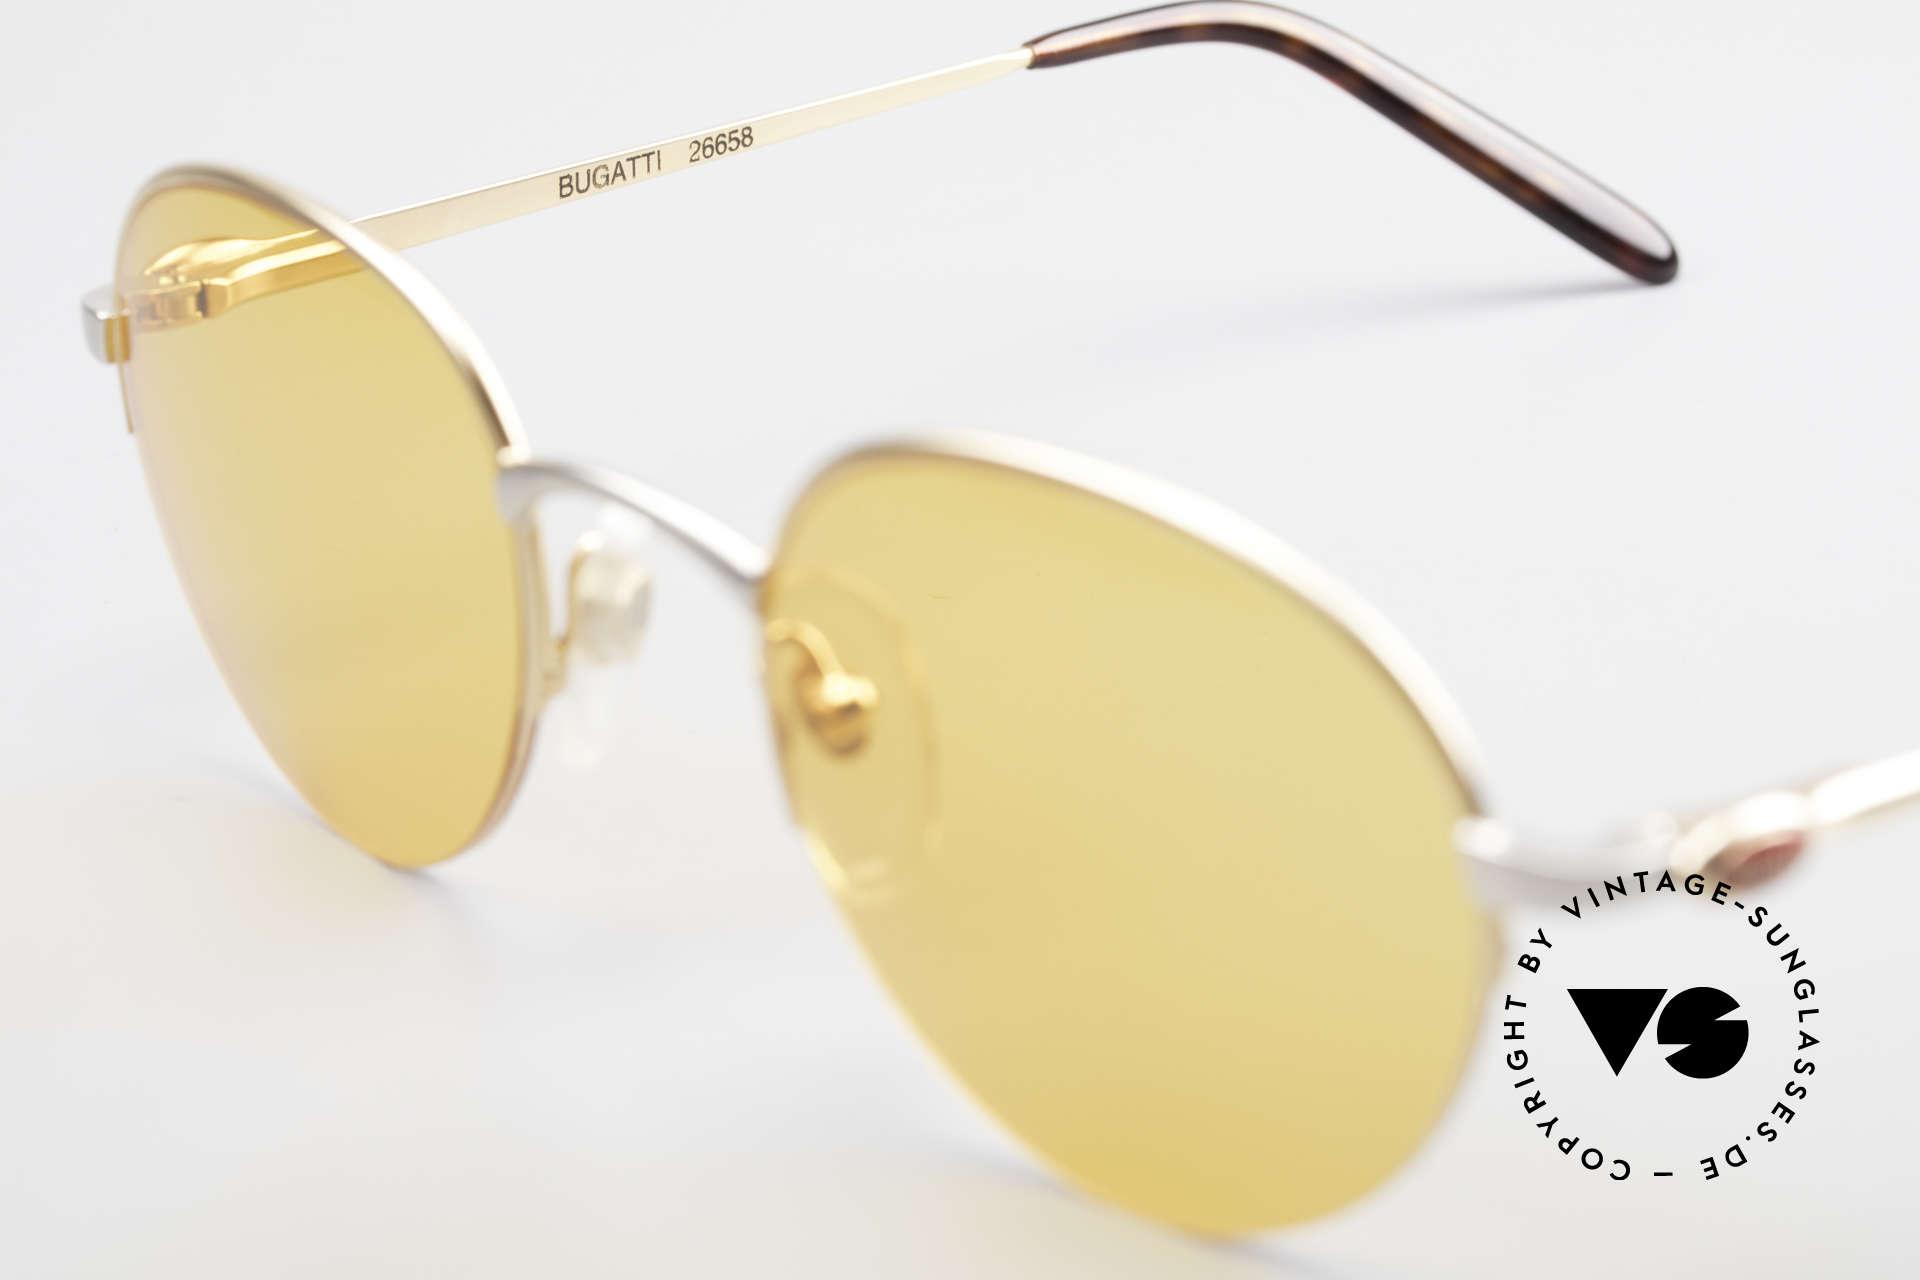 Bugatti 26658 Panto Designer Sonnenbrille, die orangen Sonnengläser sind ggf. austauschbar, Passend für Herren